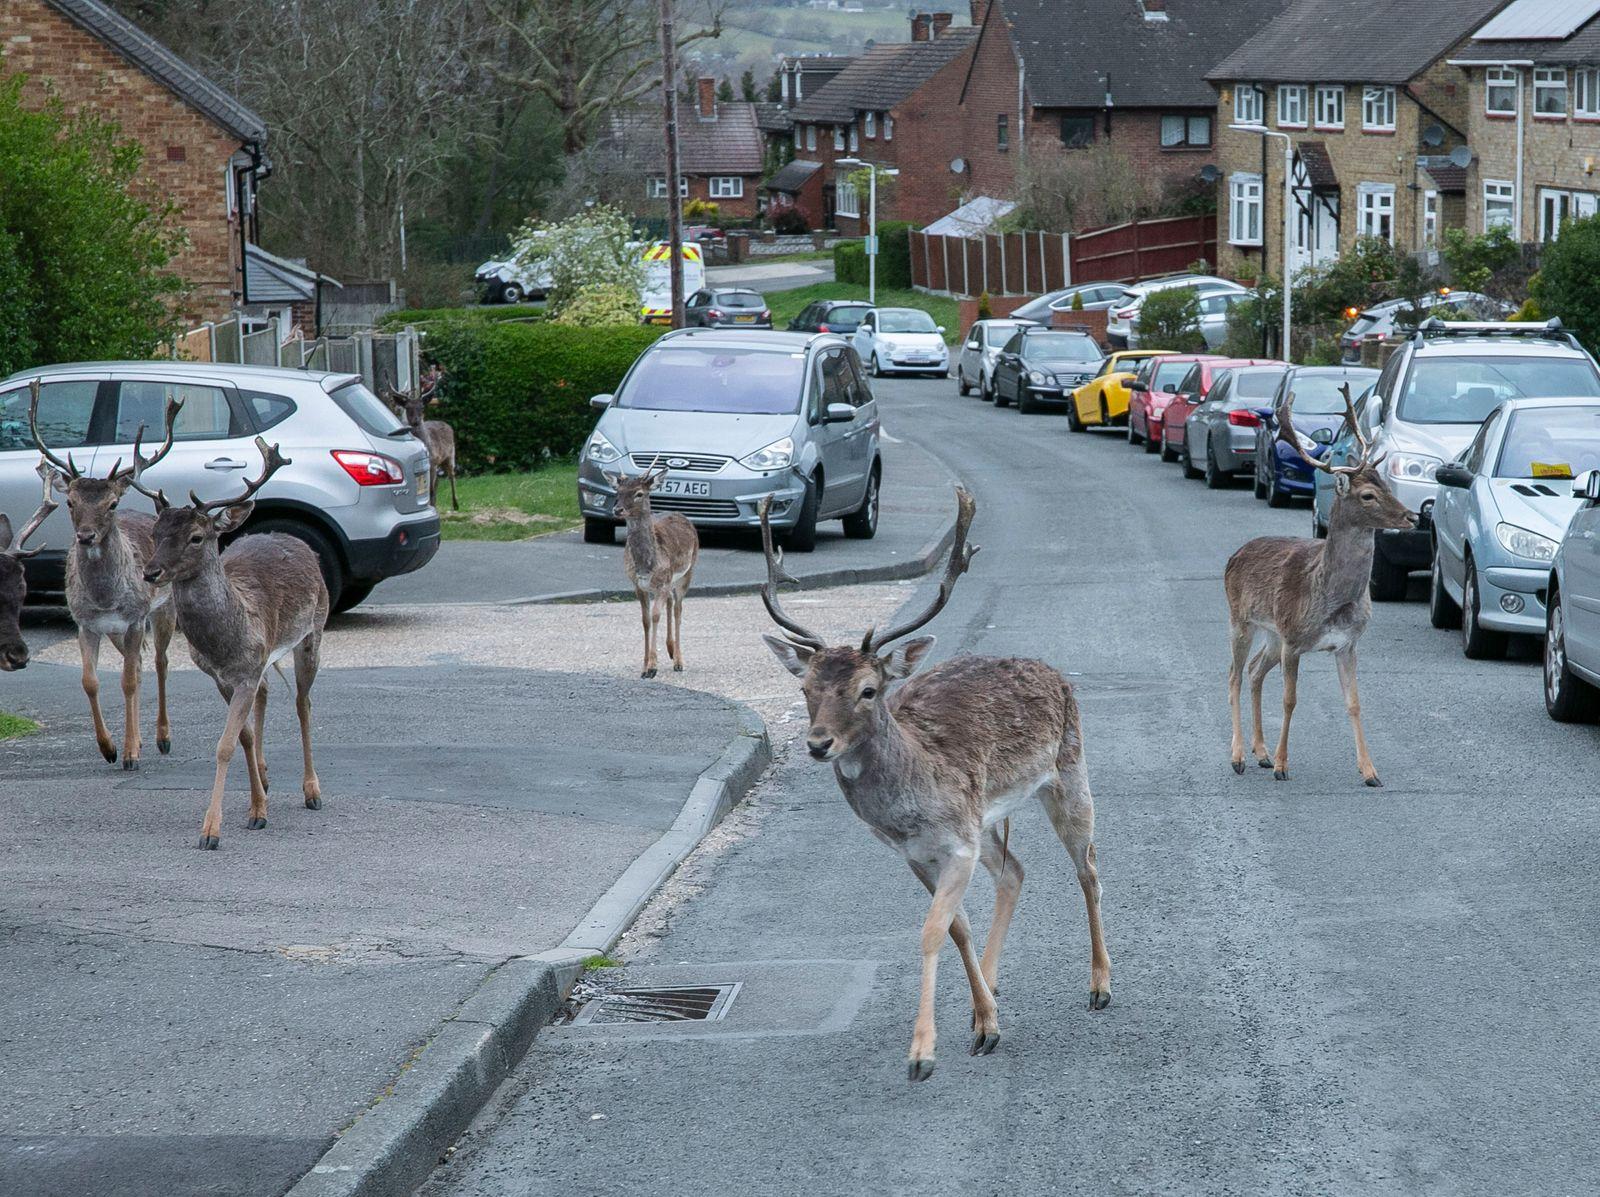 Deer roam into East London during lockdown